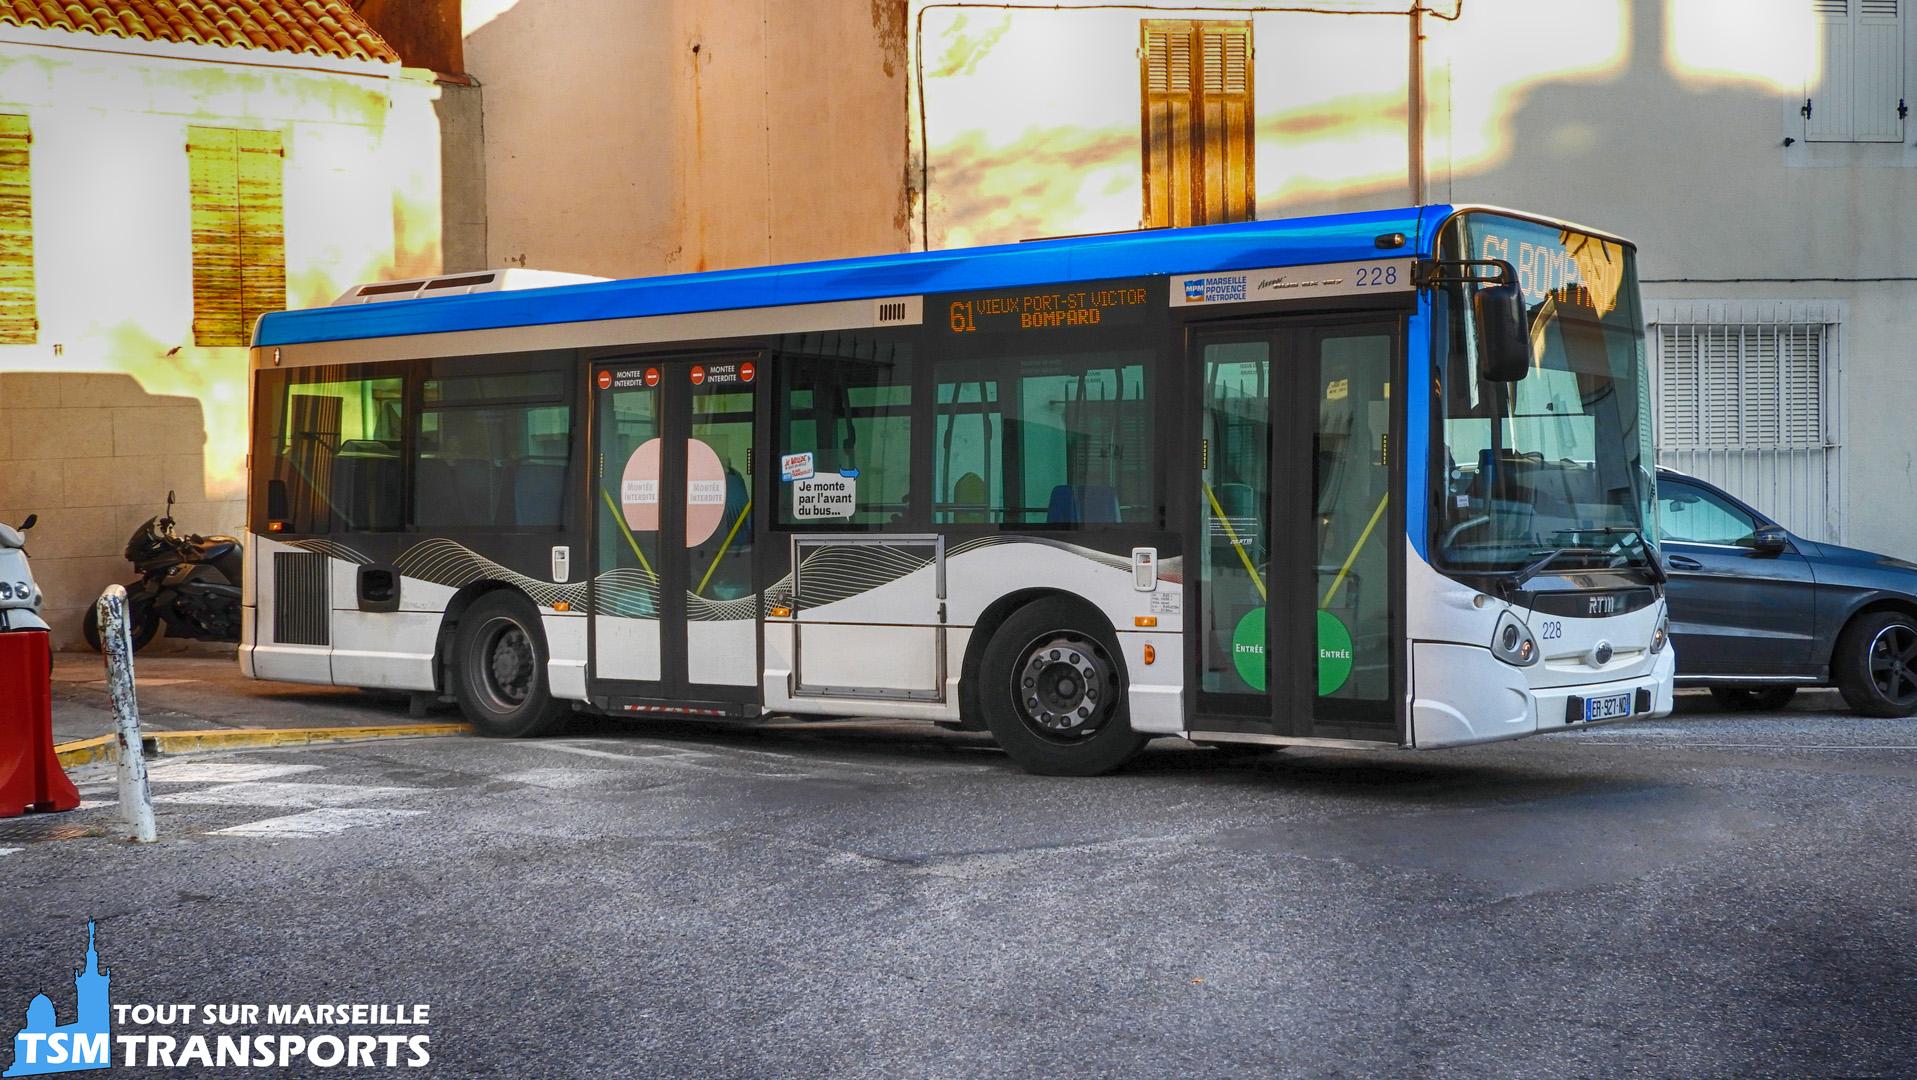 Heuliez Bus GX127 RTM n°228 à son terminus Bompard